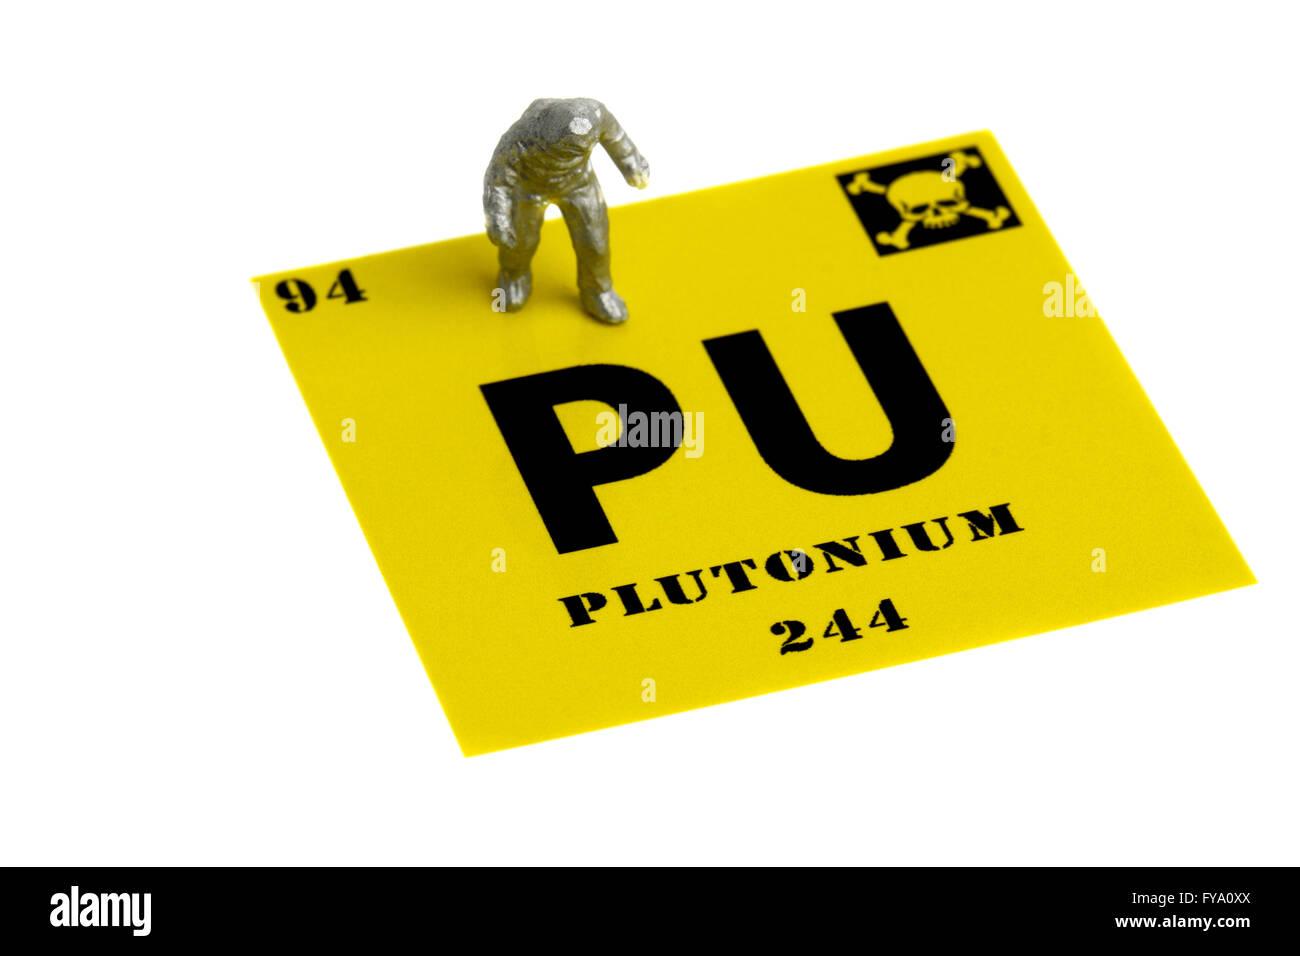 Plutonium symbol miniature man chemical suit stock photo 102867826 plutonium symbol miniature man chemical suit biocorpaavc Image collections